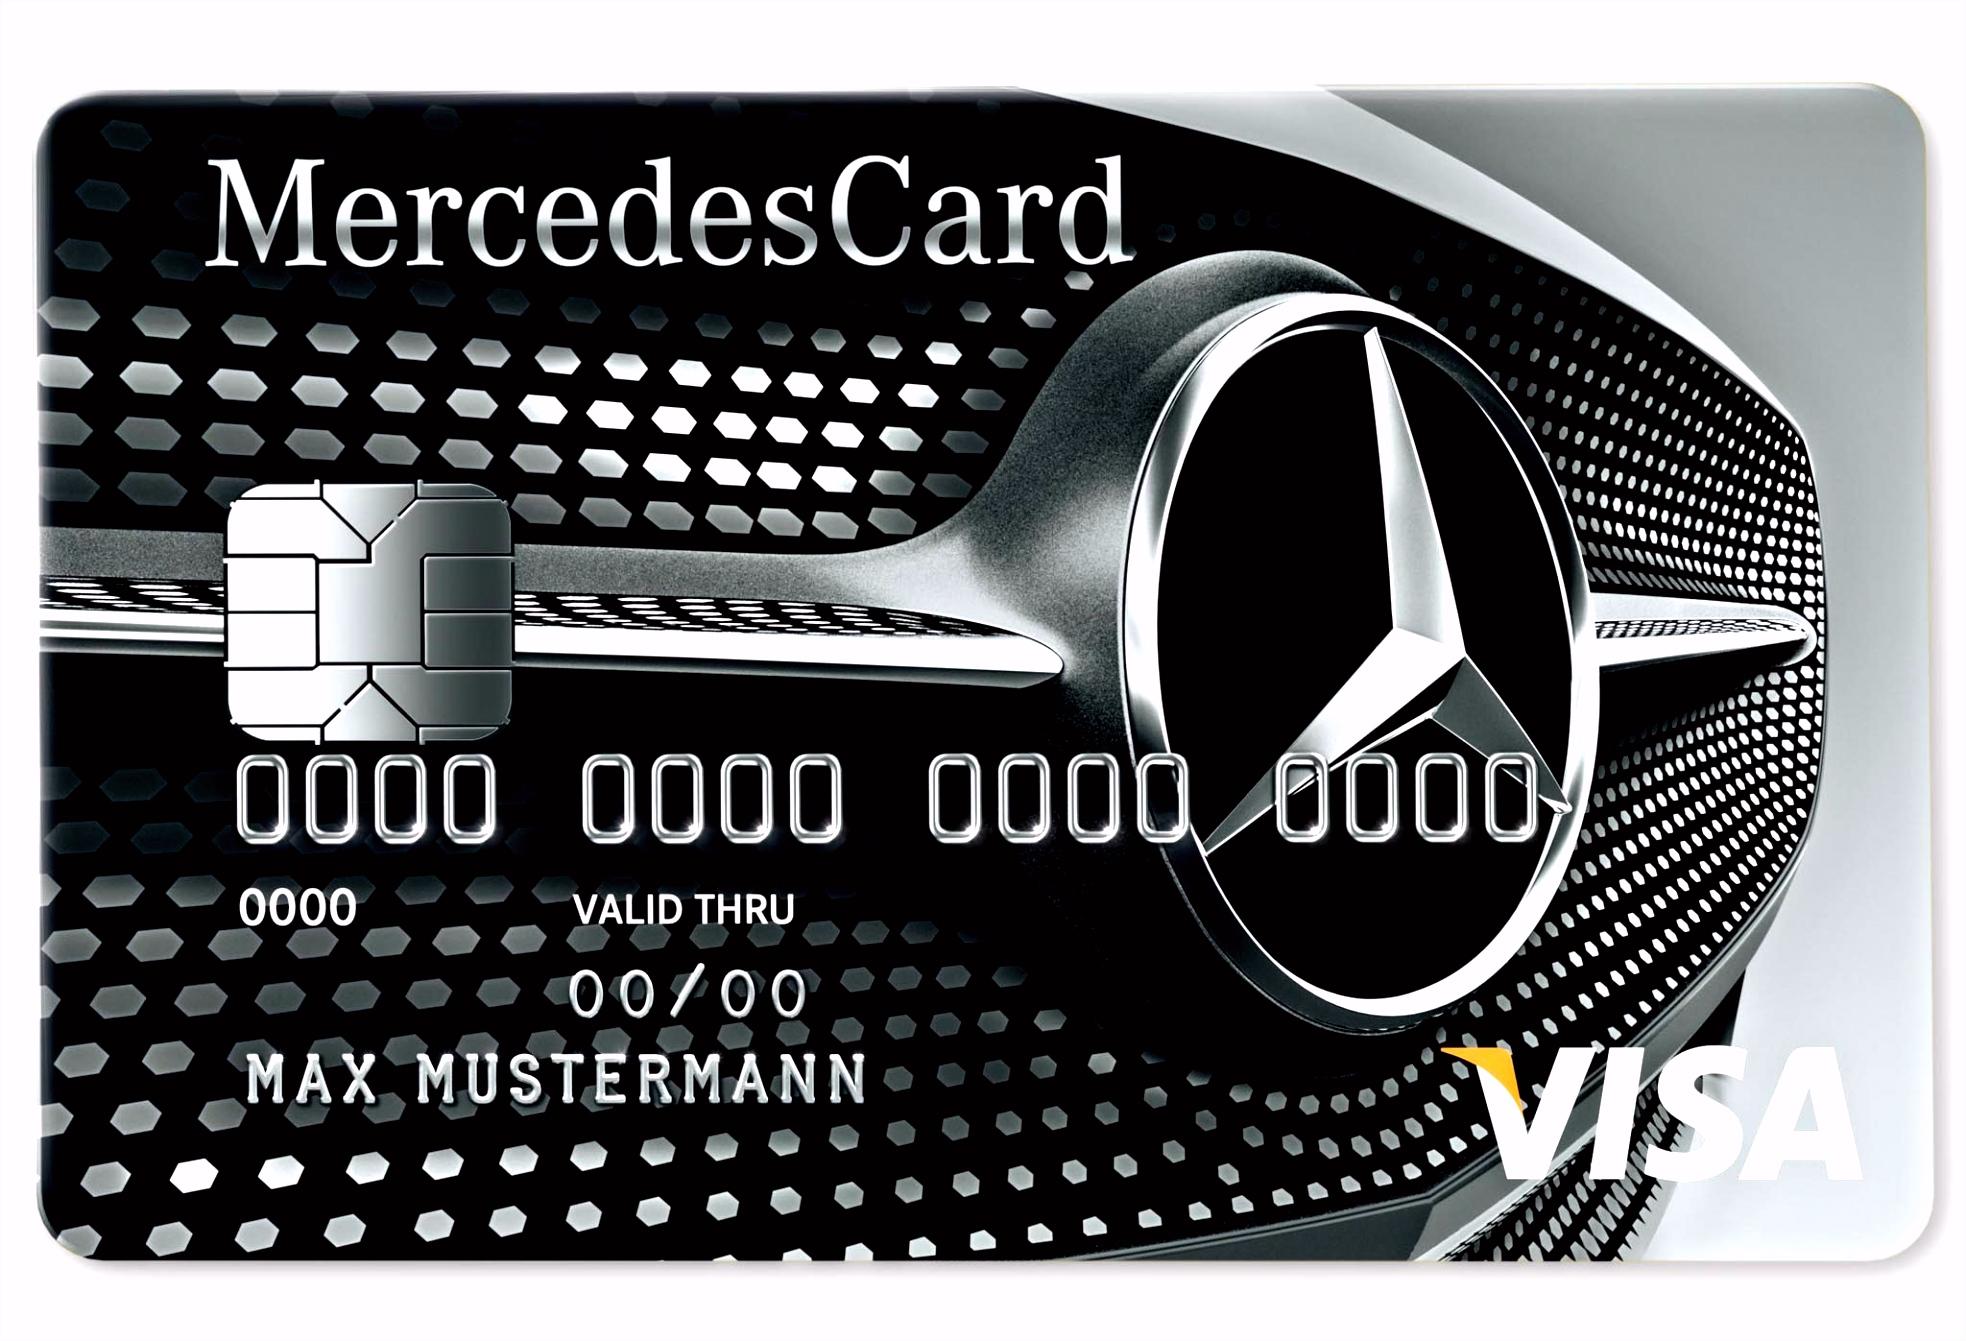 Visa Card Kundigen Vorlage Neue Mercedescard Silber Und Gold Mercedes Benz Passion Blog Y2df42hry4 Ohttv2ewh6